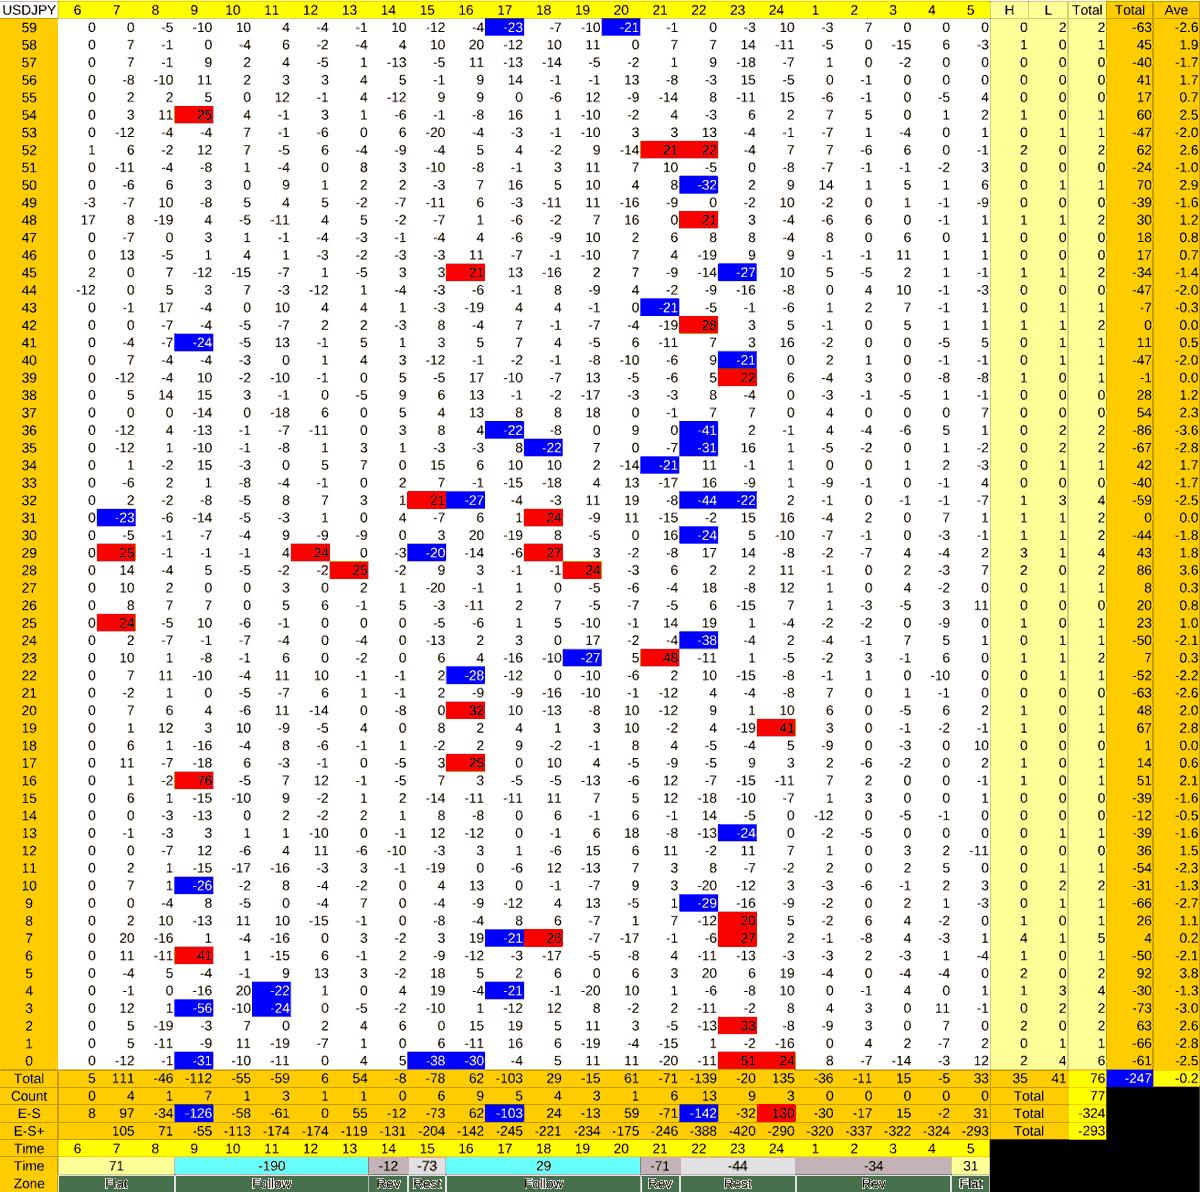 20210816_HS(1)USDJPY-min